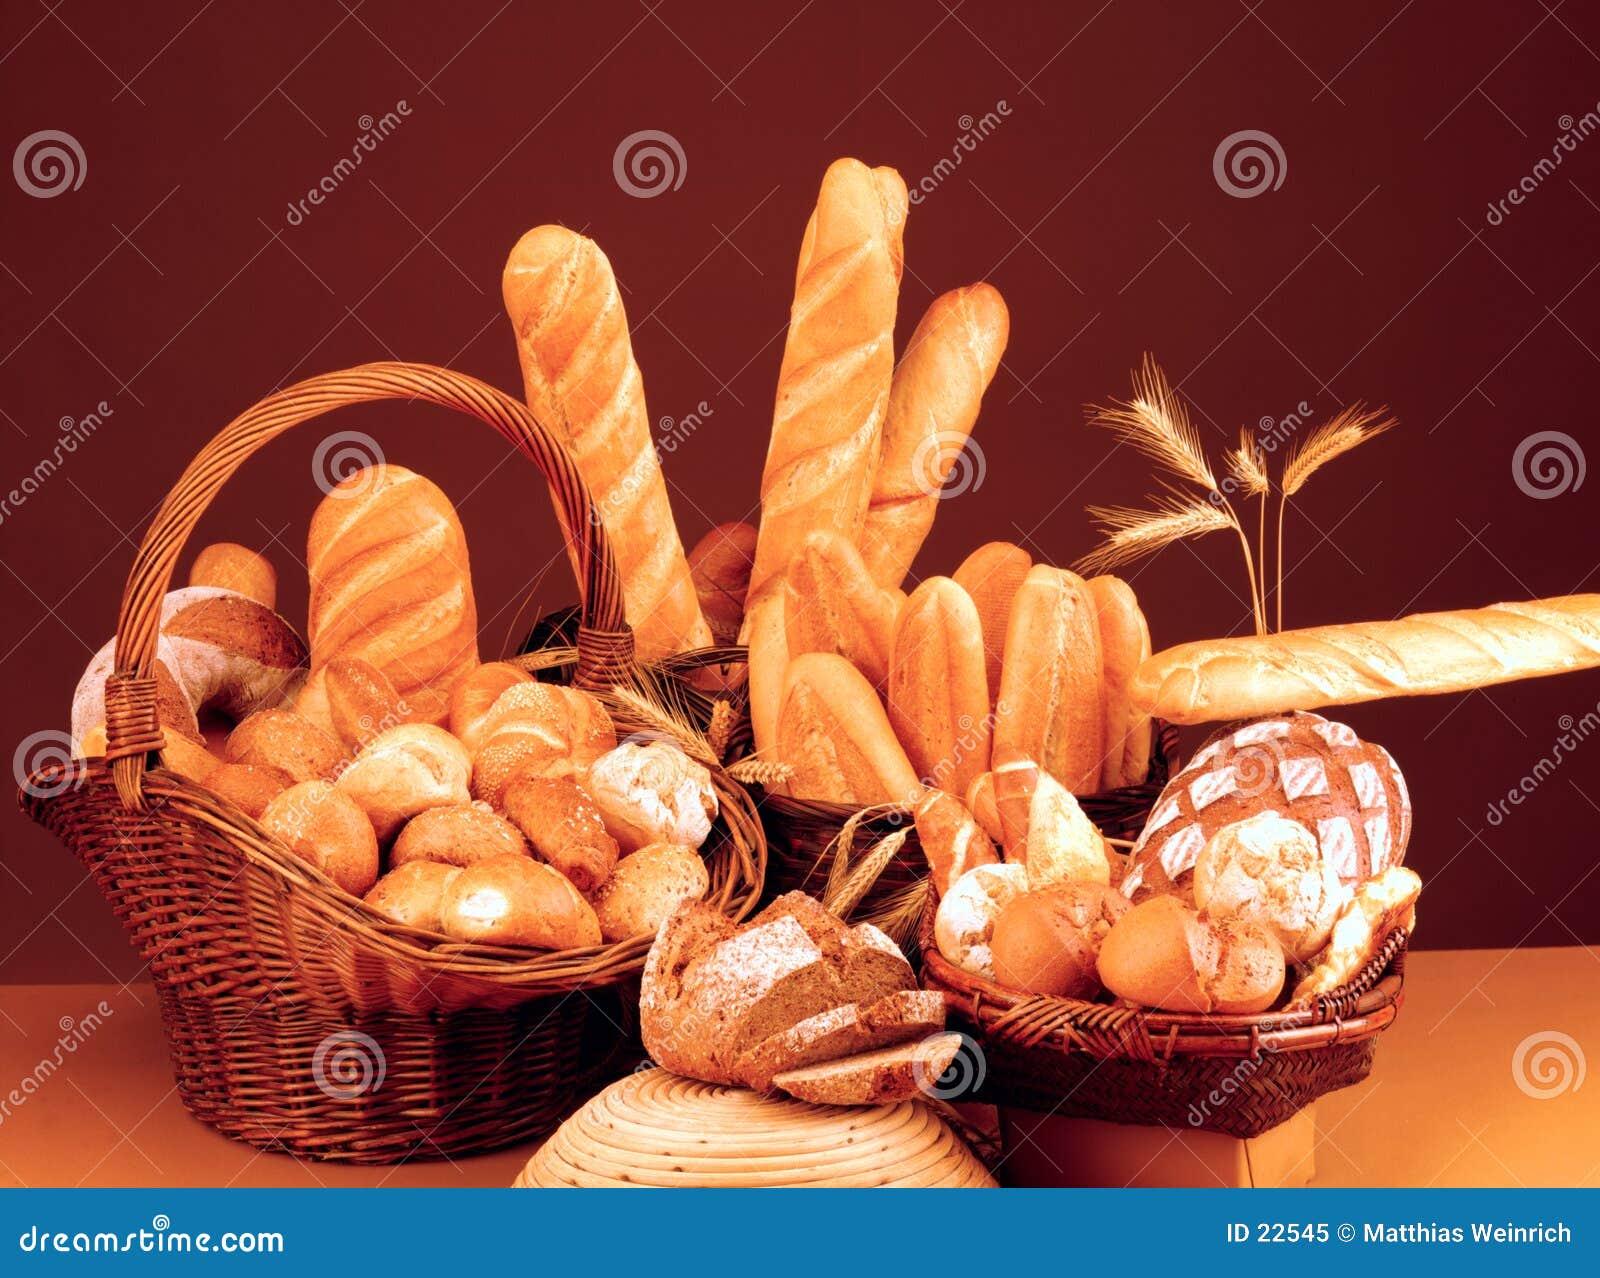 Noch Leben mit Brot, Rollen und Stangenbrot